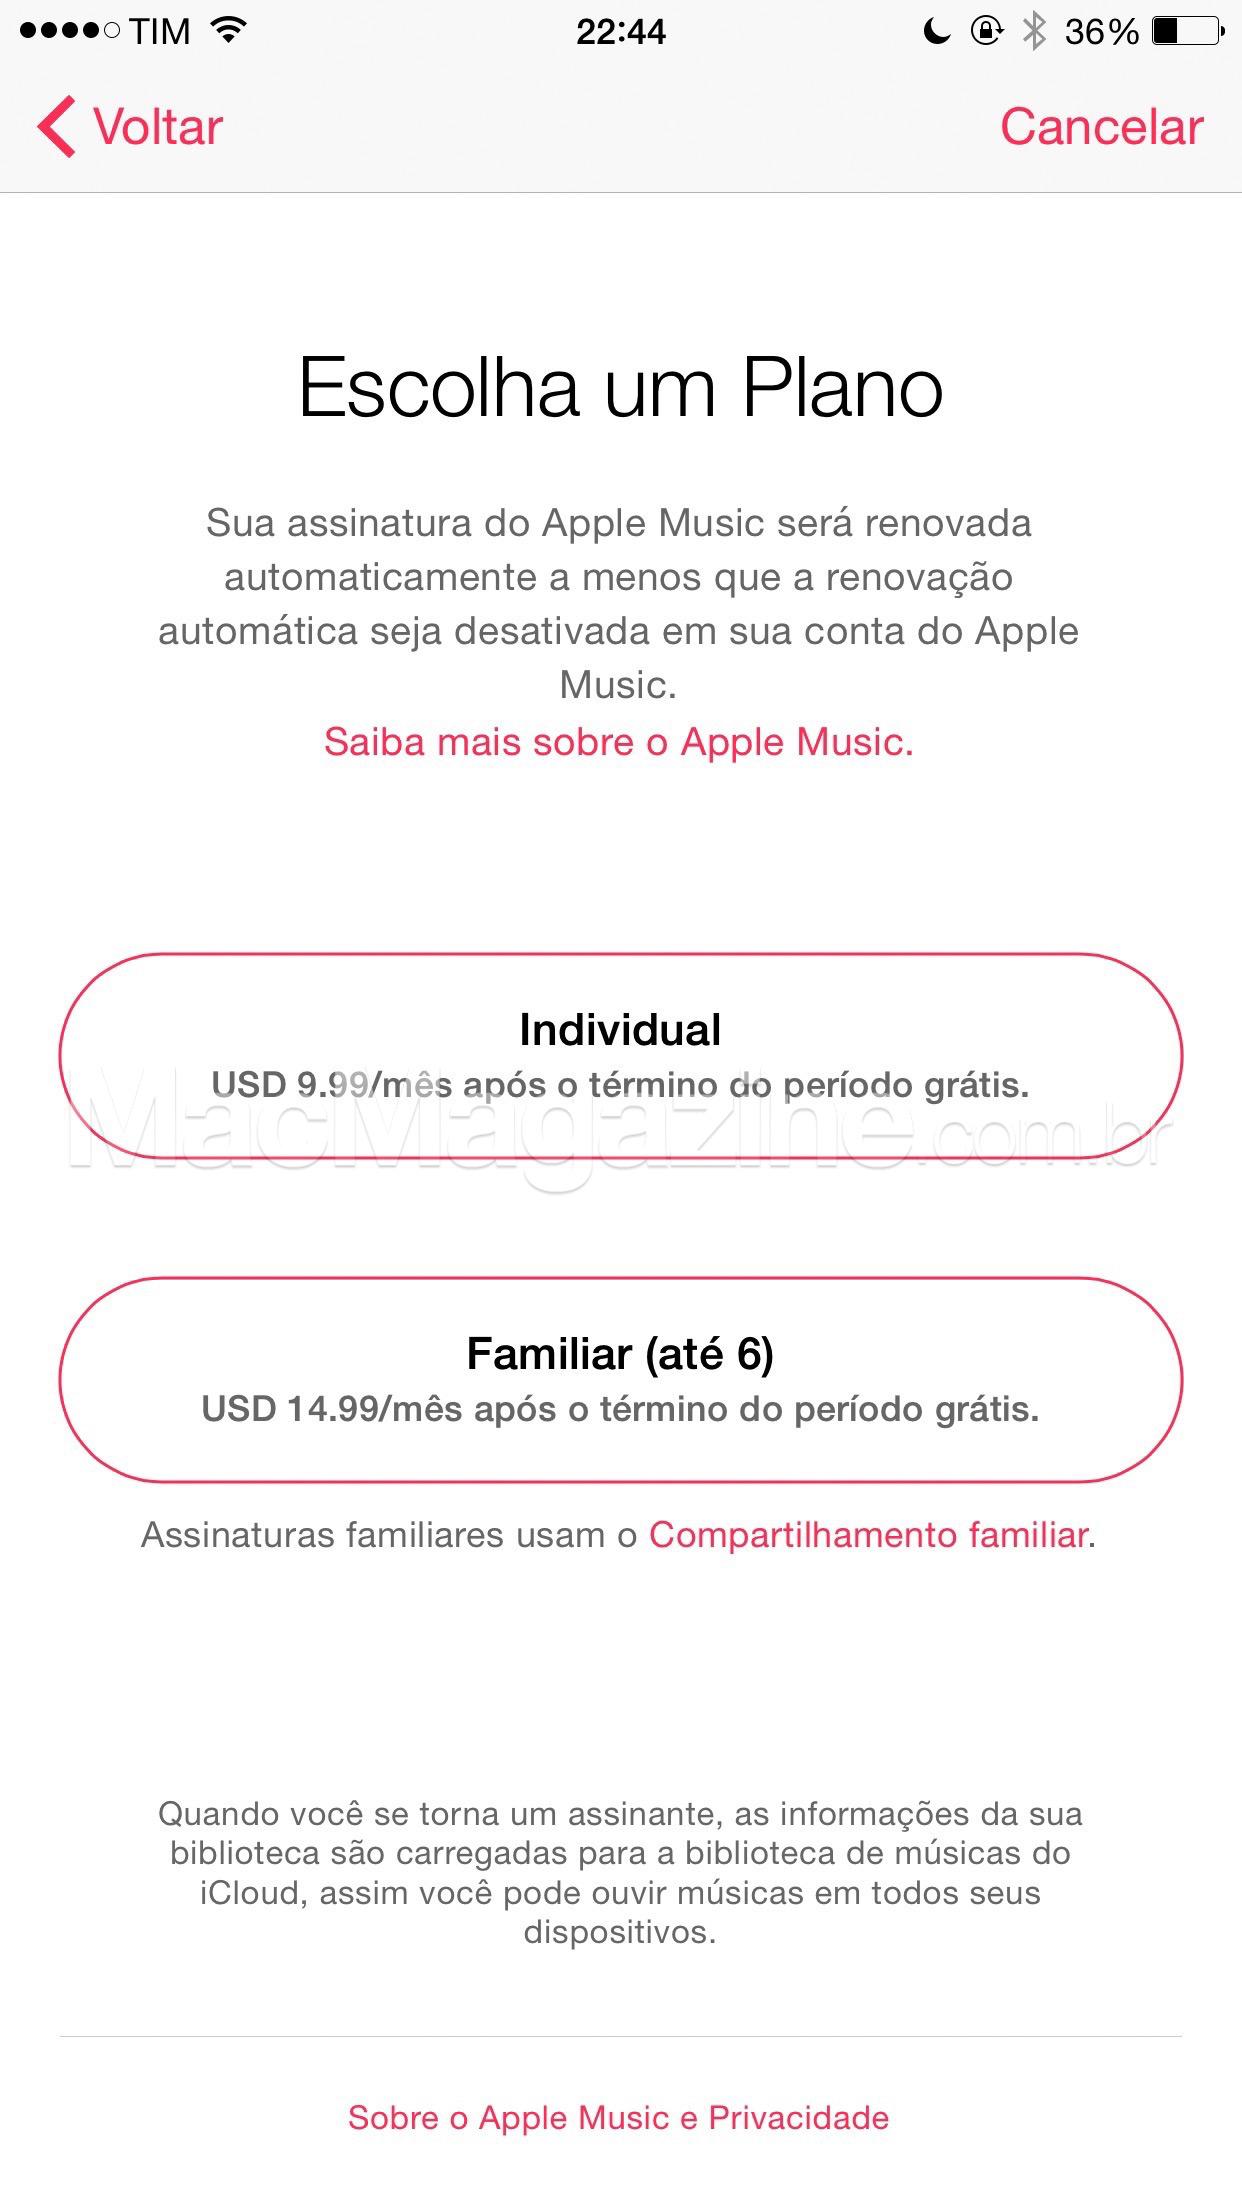 Apple Music em português no iOS 8.4 beta